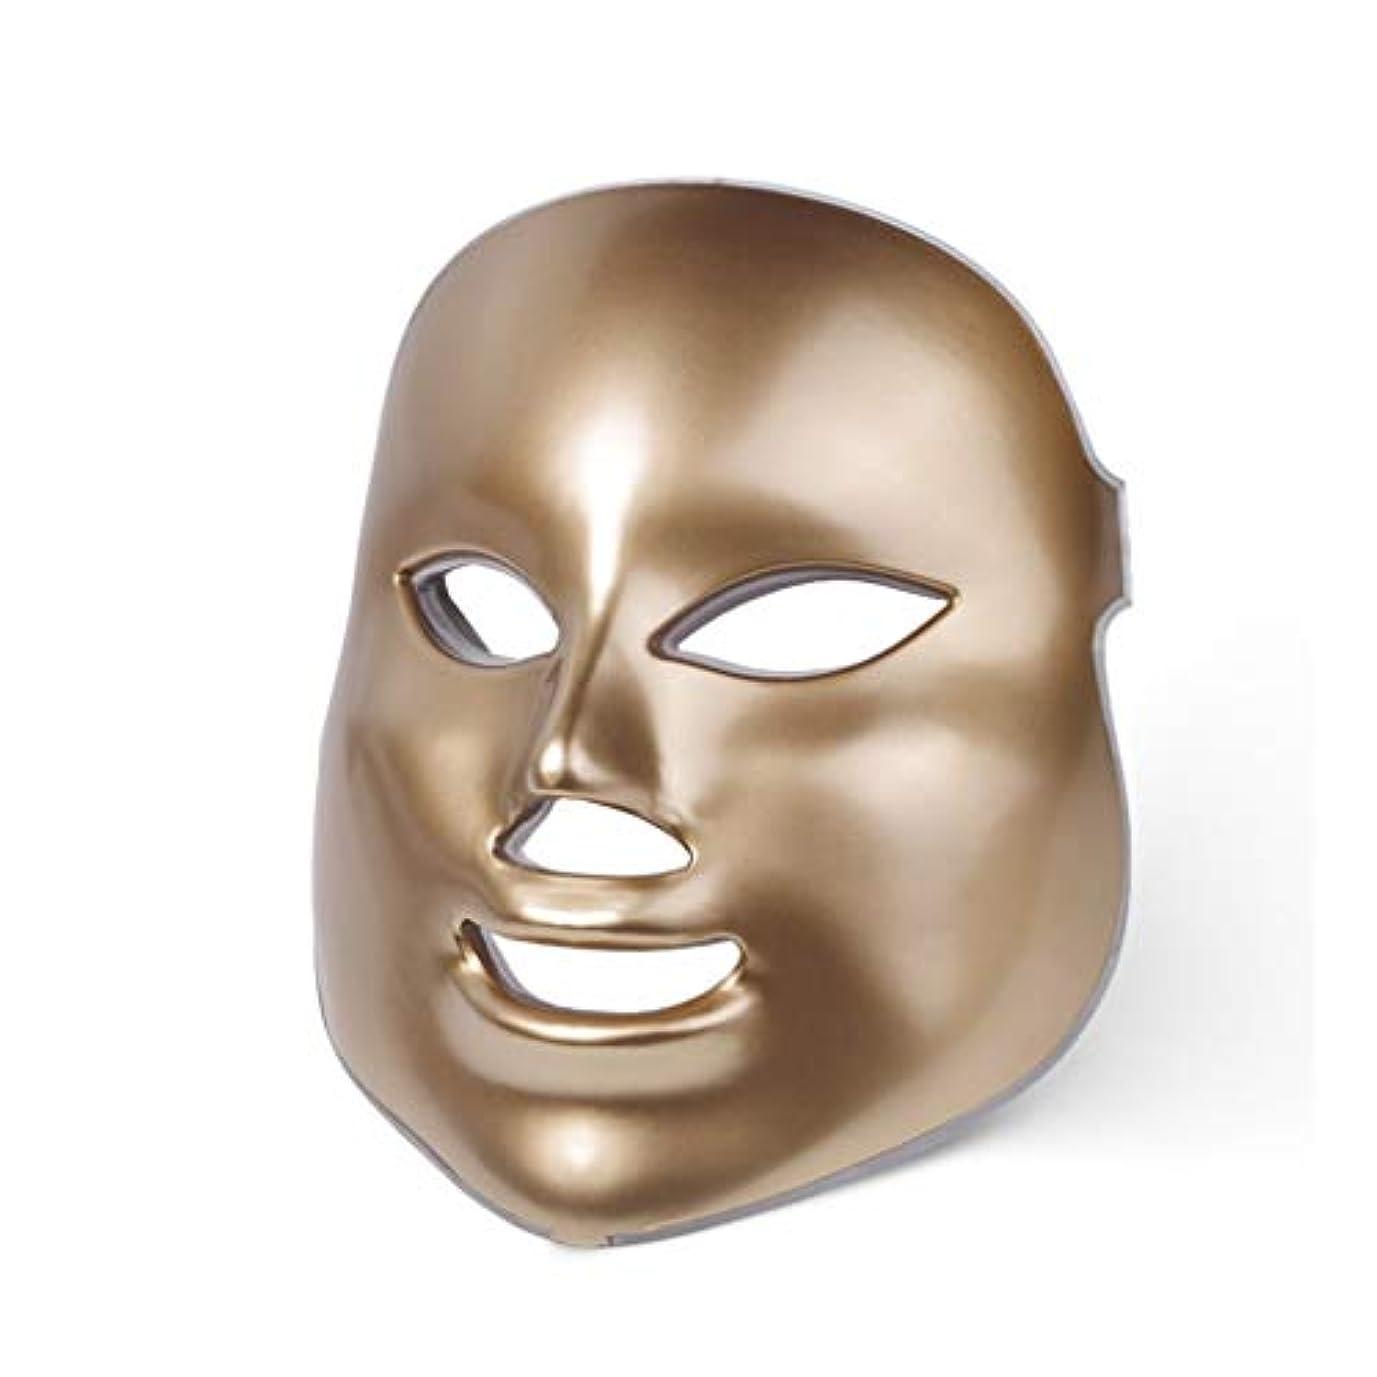 価値のないムスタチオ引数ライトセラピー?マスク、LEDライトセラピーフォトン顔がマシン7色のアンチエイジングスキンケアライトセラピーにきびマスクトーニング、しわ、アクネホワイトニングゴールドマスクマスク (Color : Gold)